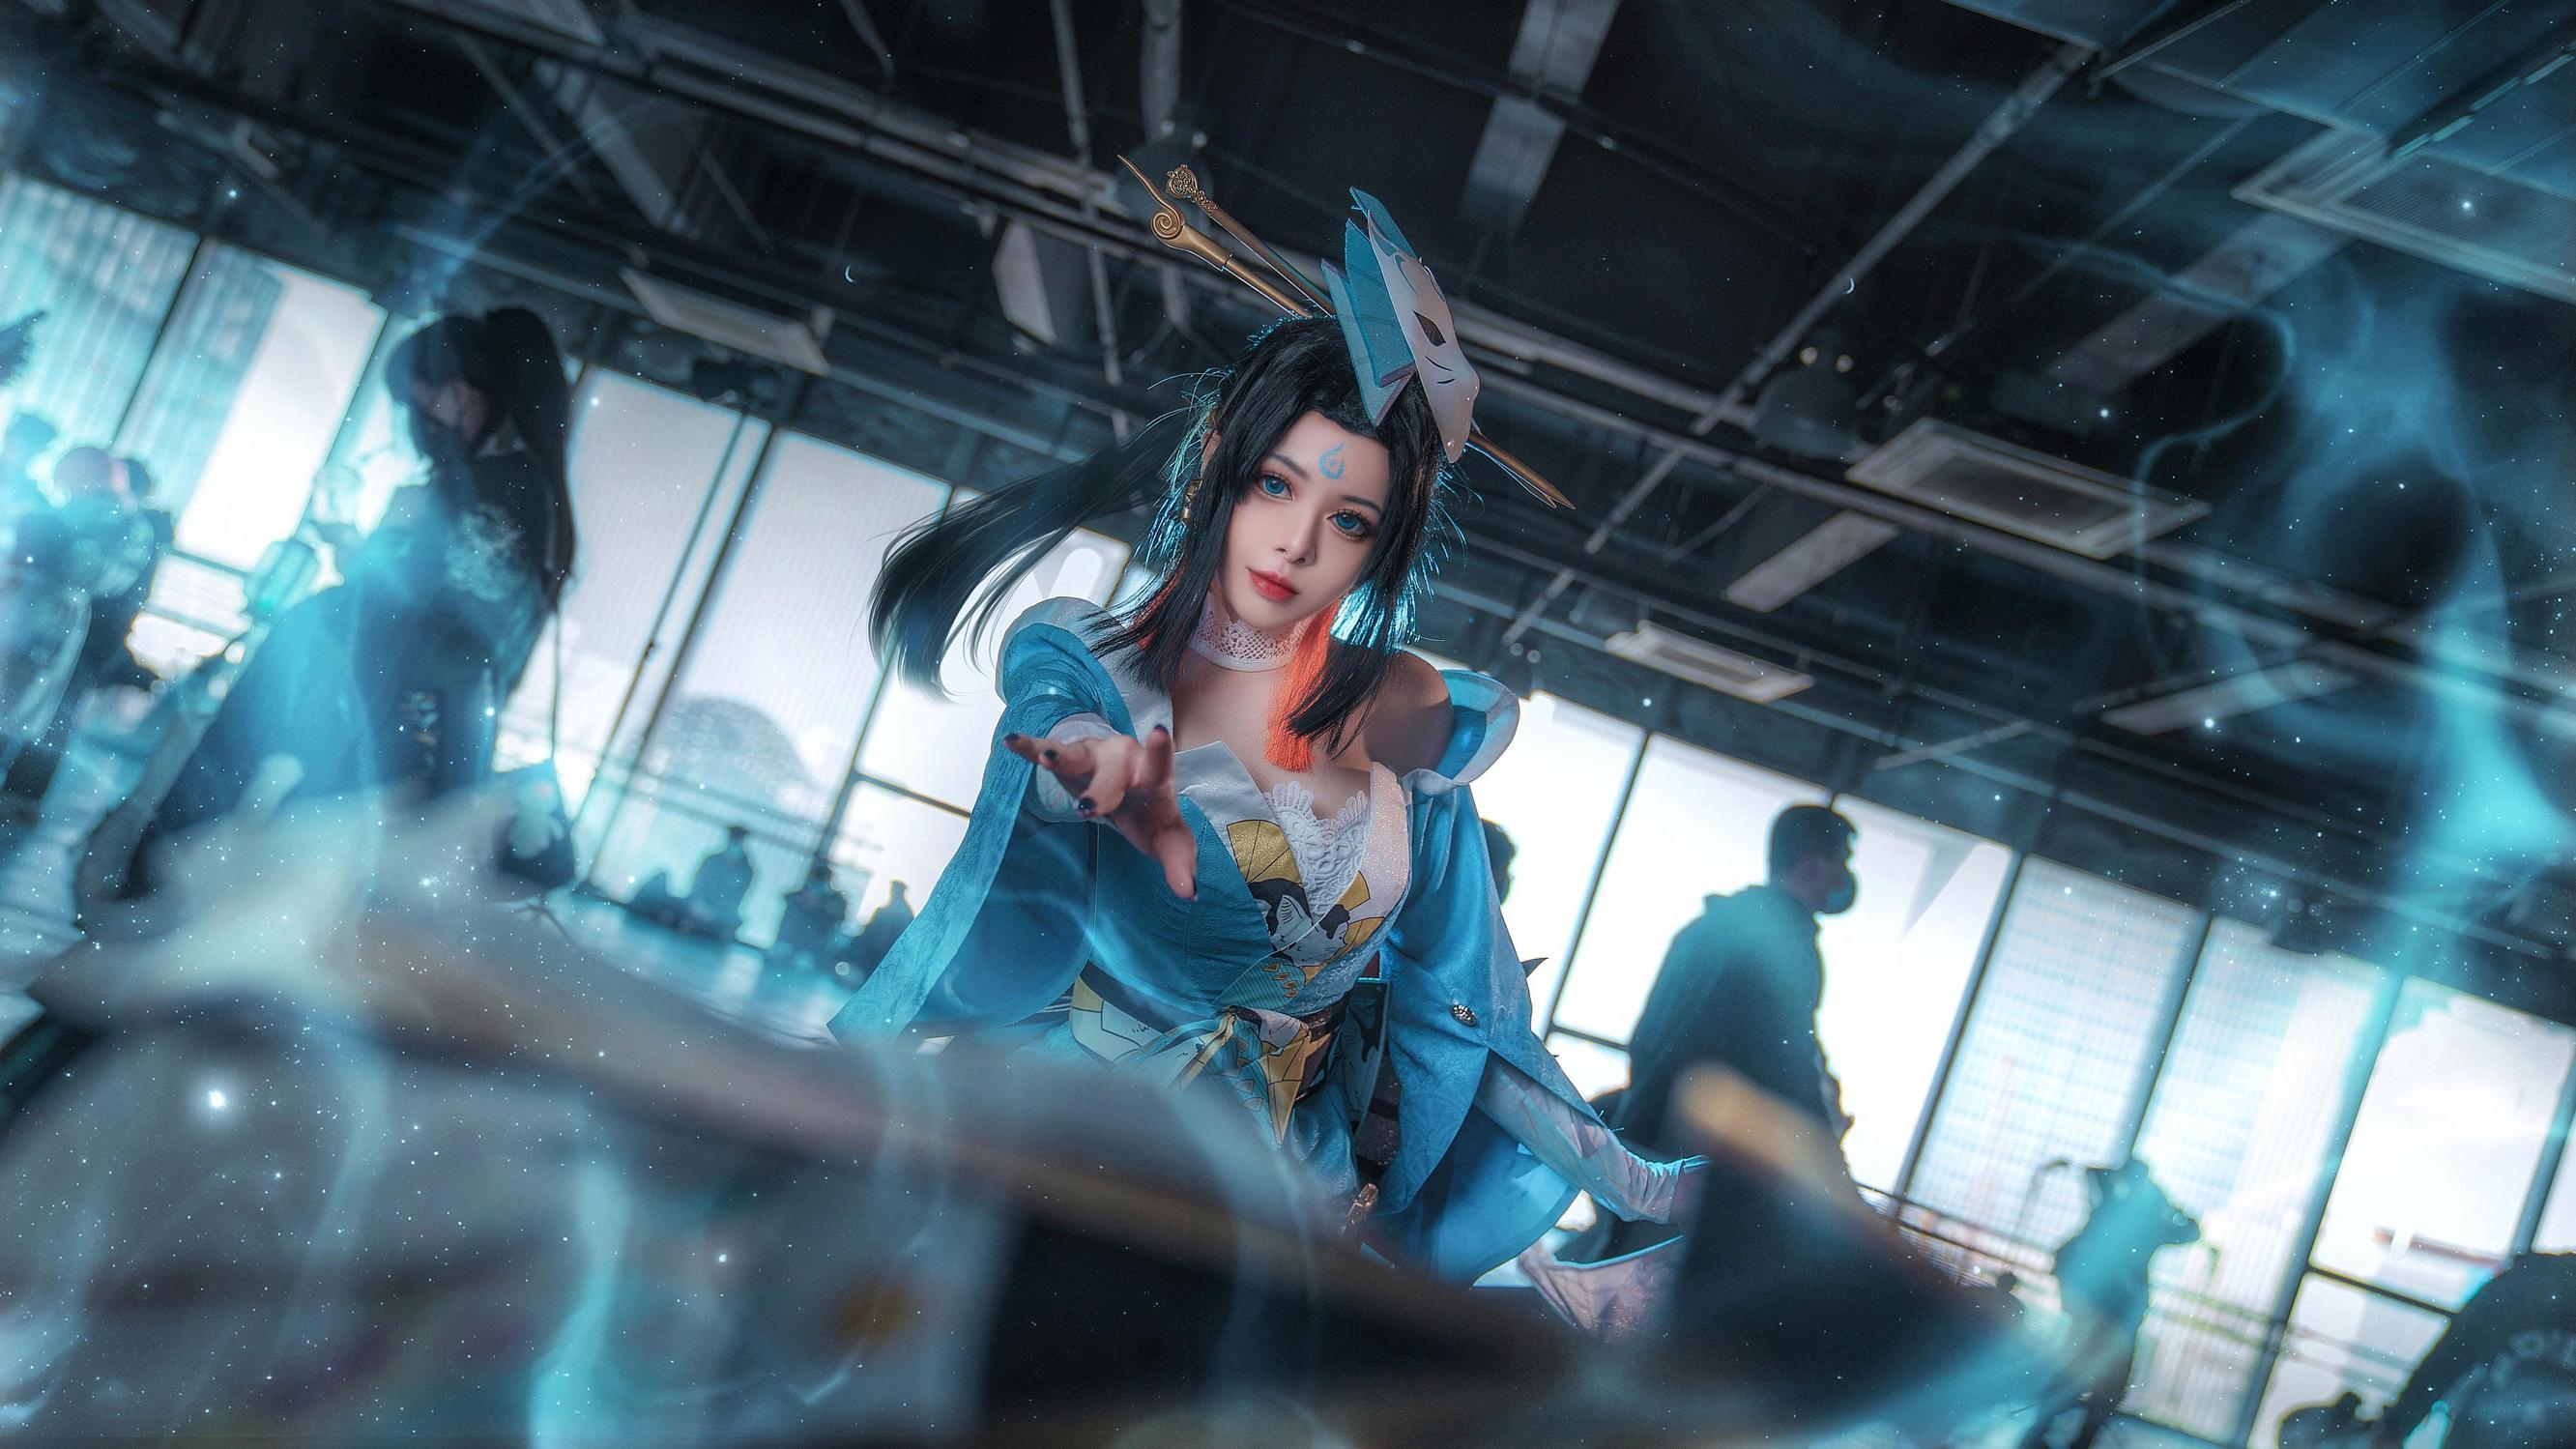 《王者荣耀》游戏cosplay【CN:藤龙】-第2张